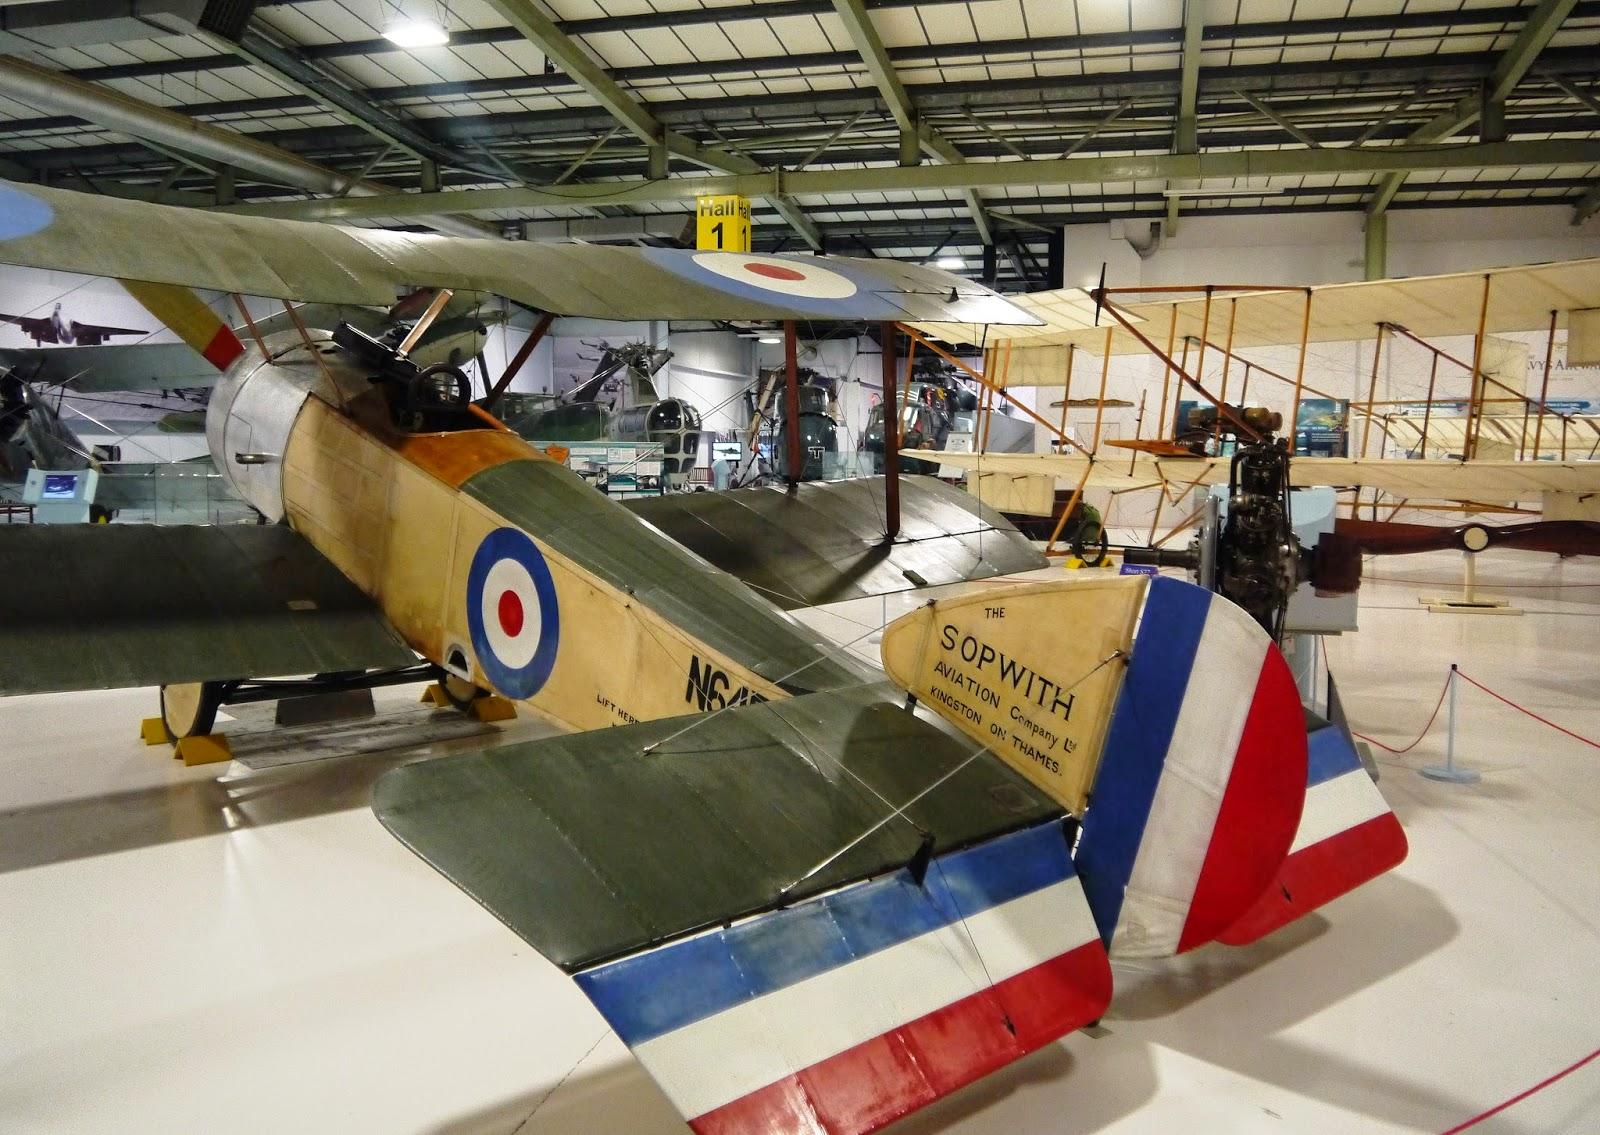 Fleet Airm Arm Museum, Somerset